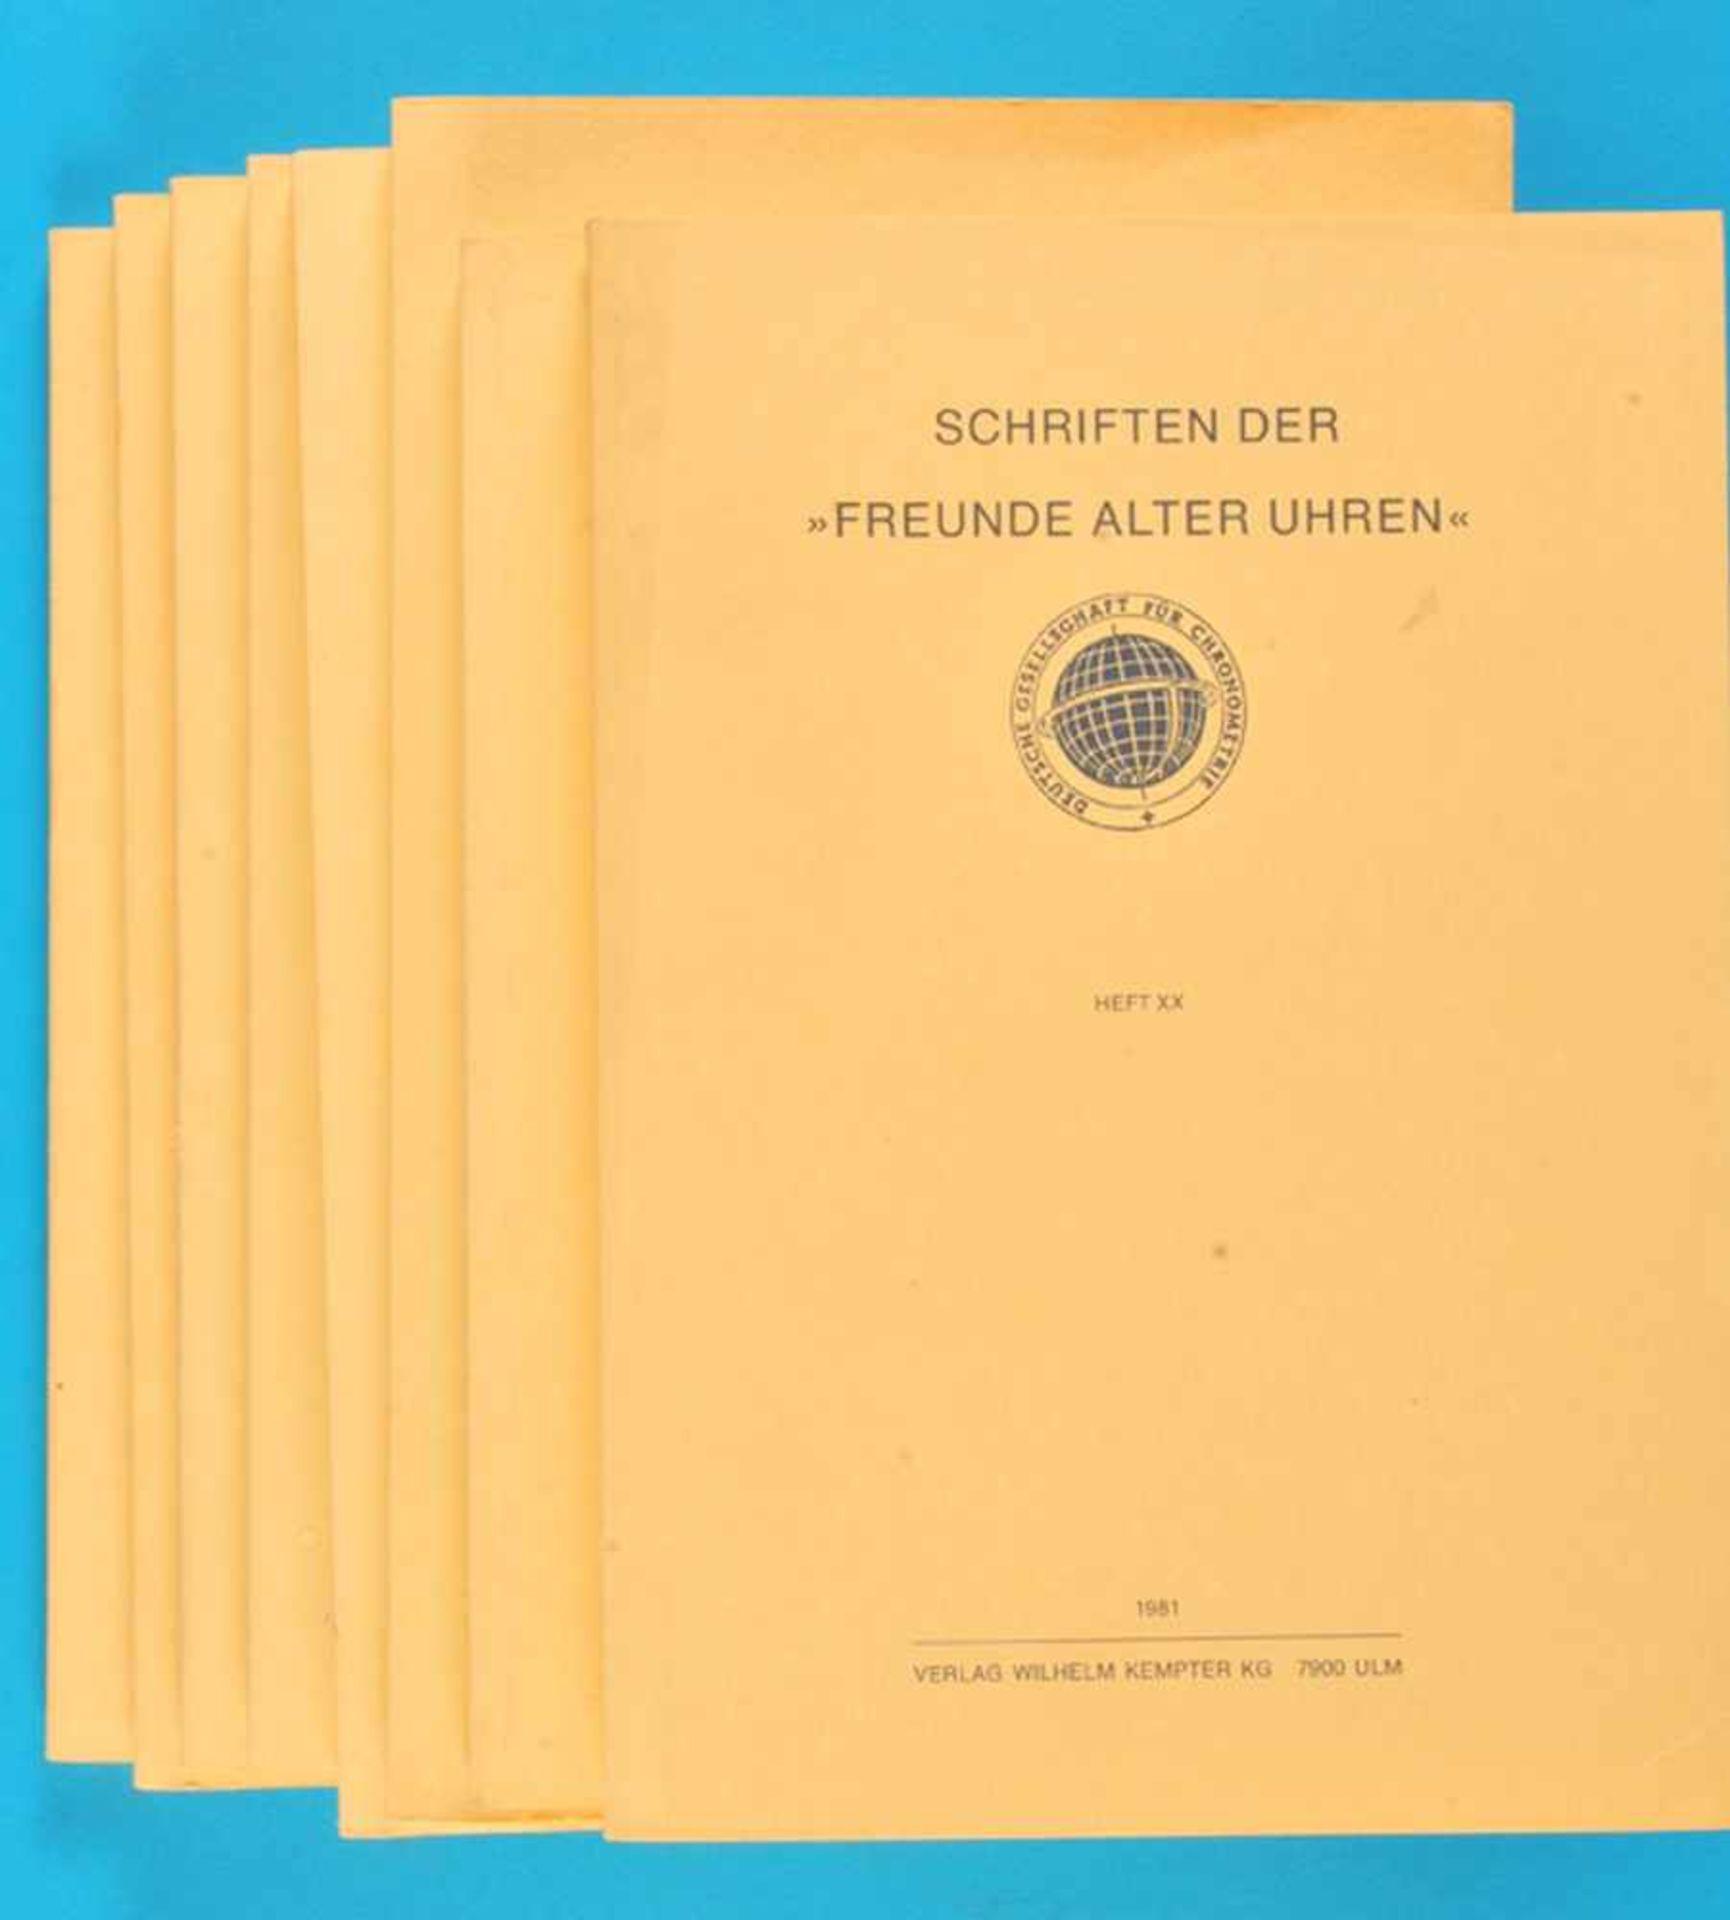 """Los 49 - 8 Hefte """"Schriften der Freunde alter Uhren""""8 Hefte """"Schriften der Freunde alter Uhren"""", XIII/1974"""